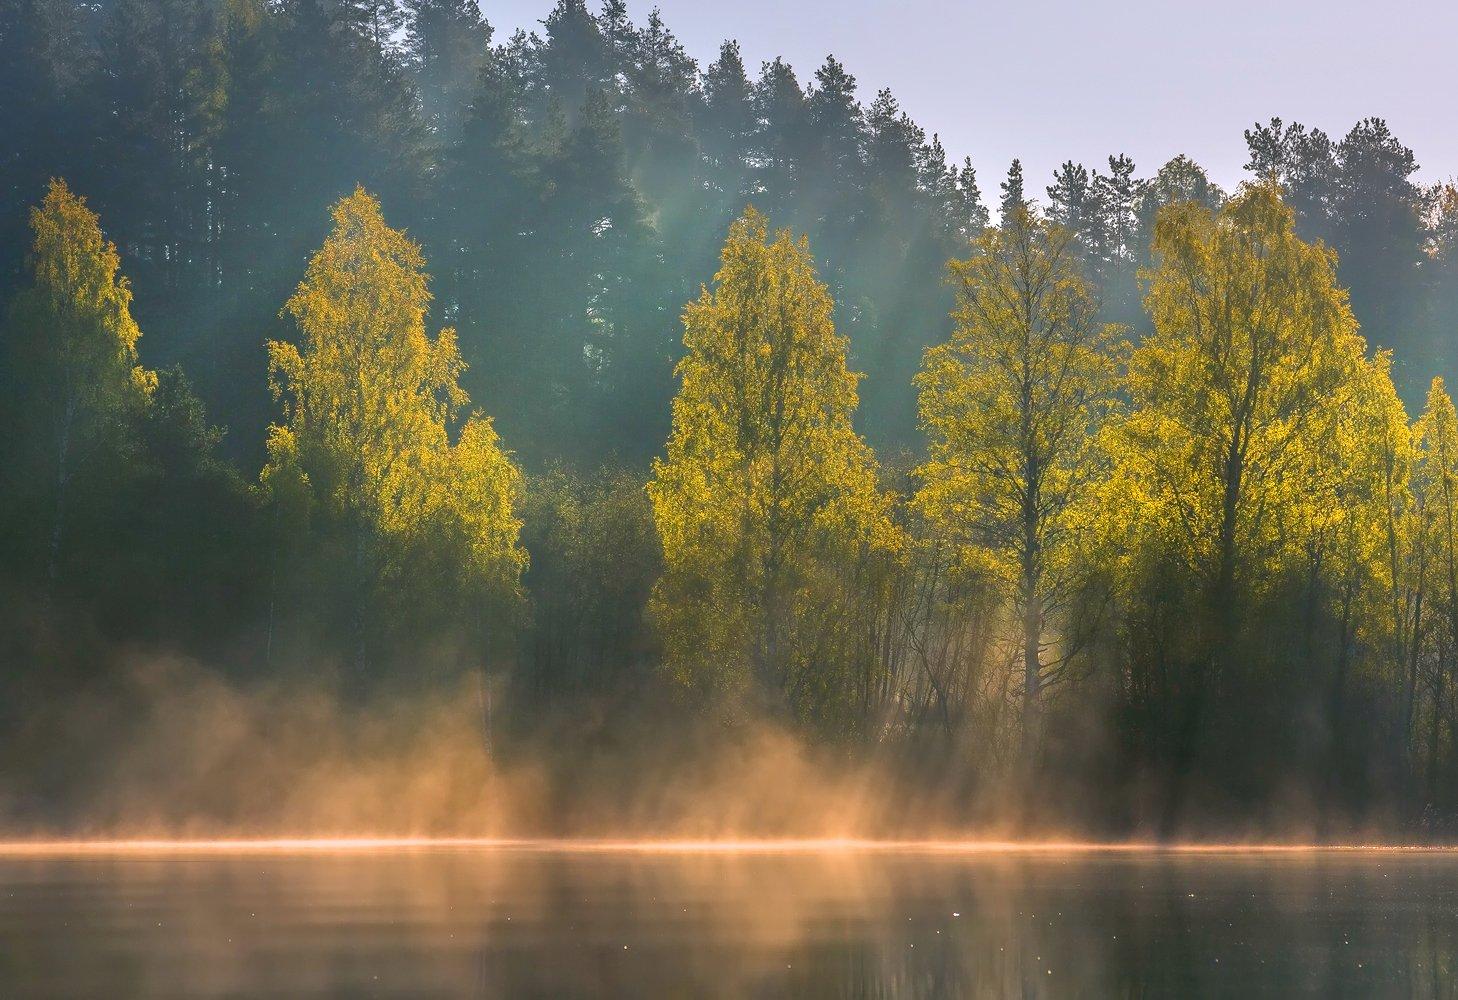 карелия, ладожское озеро, рассвет, скалы, деревья, лес, берёзы, отражение, туман, весна,, Лашков Фёдор